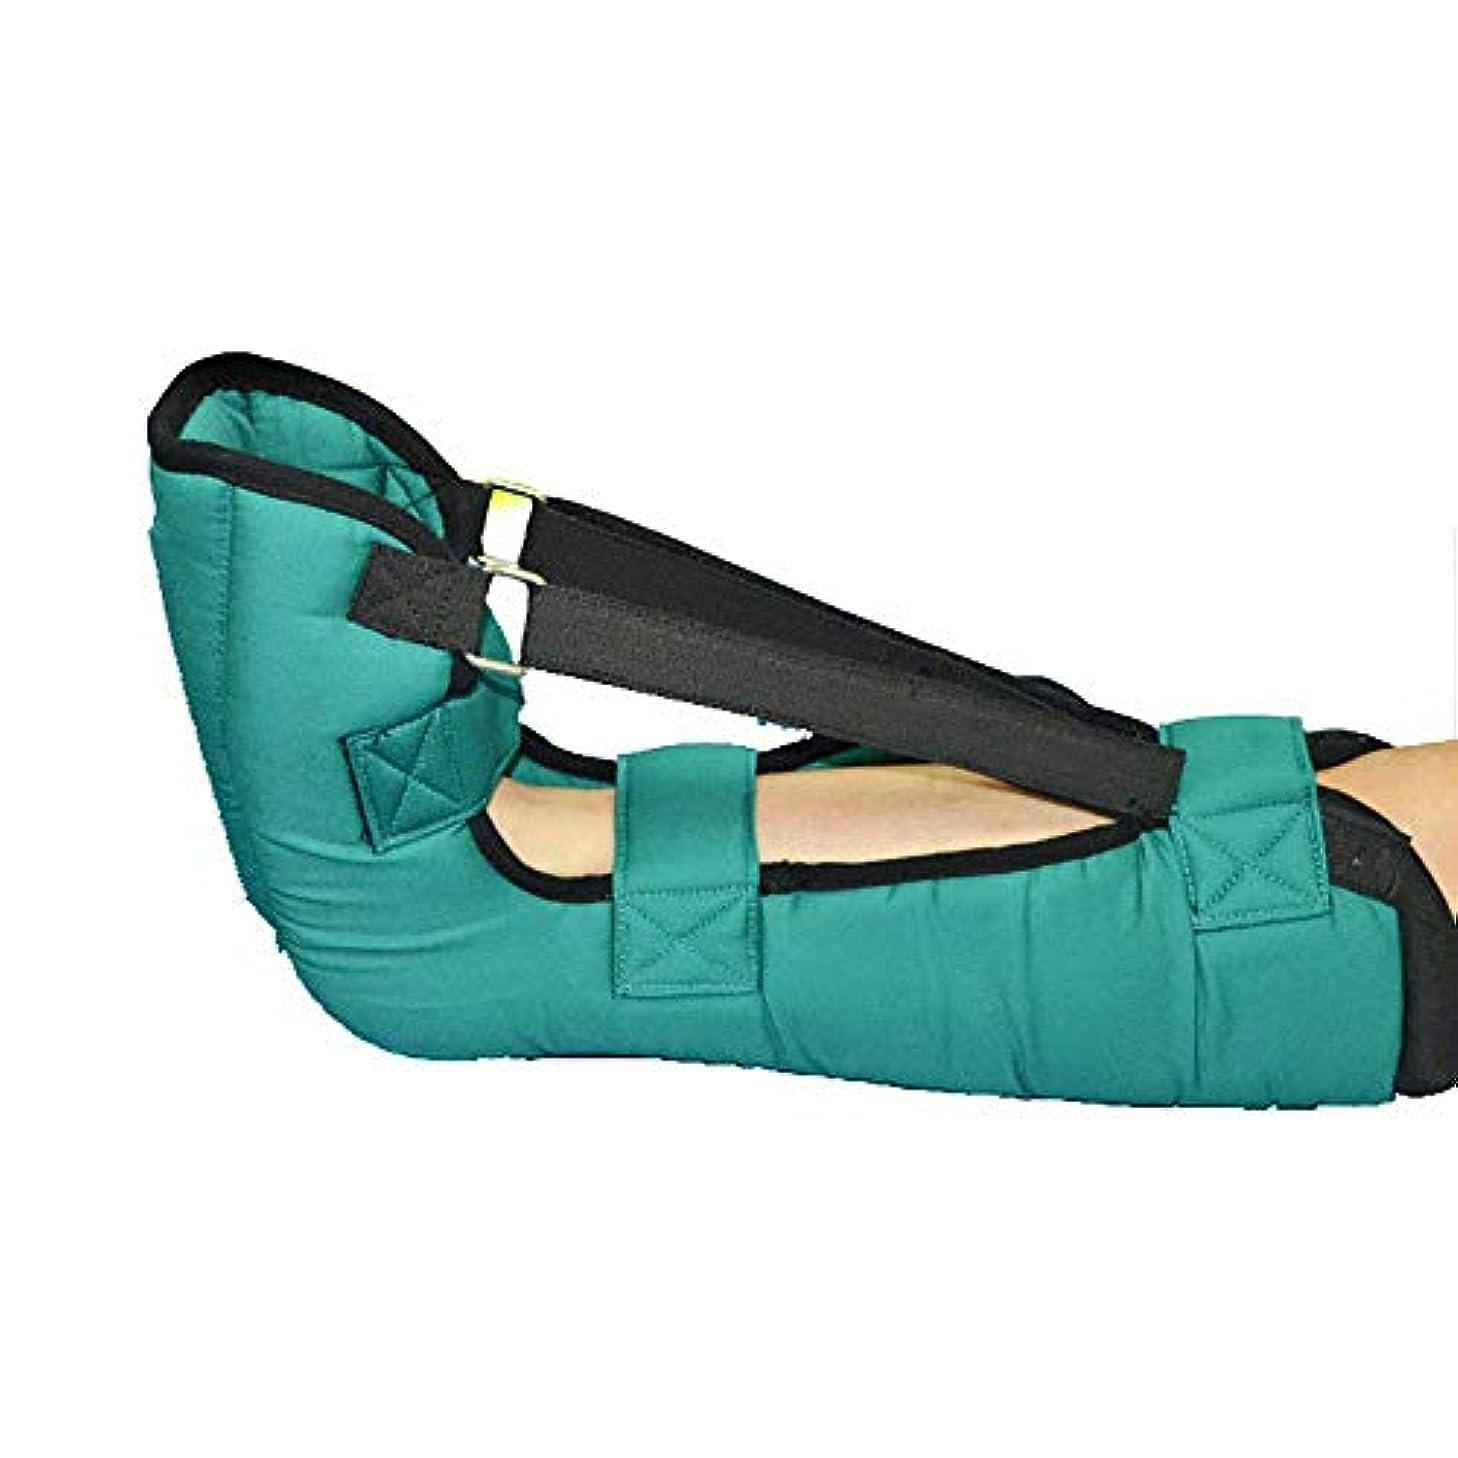 屋内でルールドラッグ1個拡張ヒールプロテクター、褥瘡とかかと潰瘍軽減のための足首ジョイントホルダー、グリーン